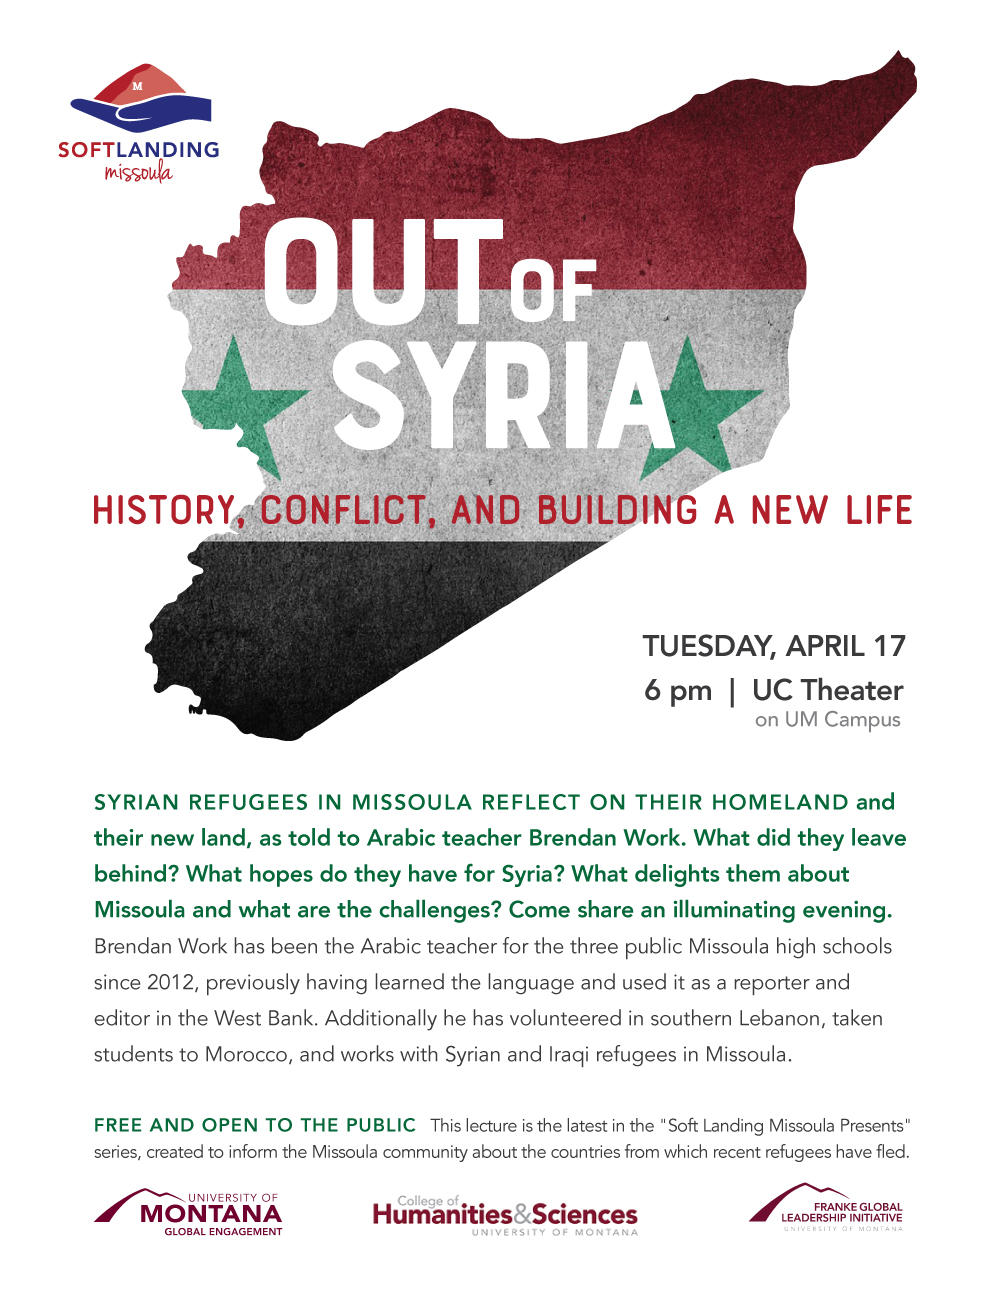 SLM-SyriaLecture-April2018-03.jpg